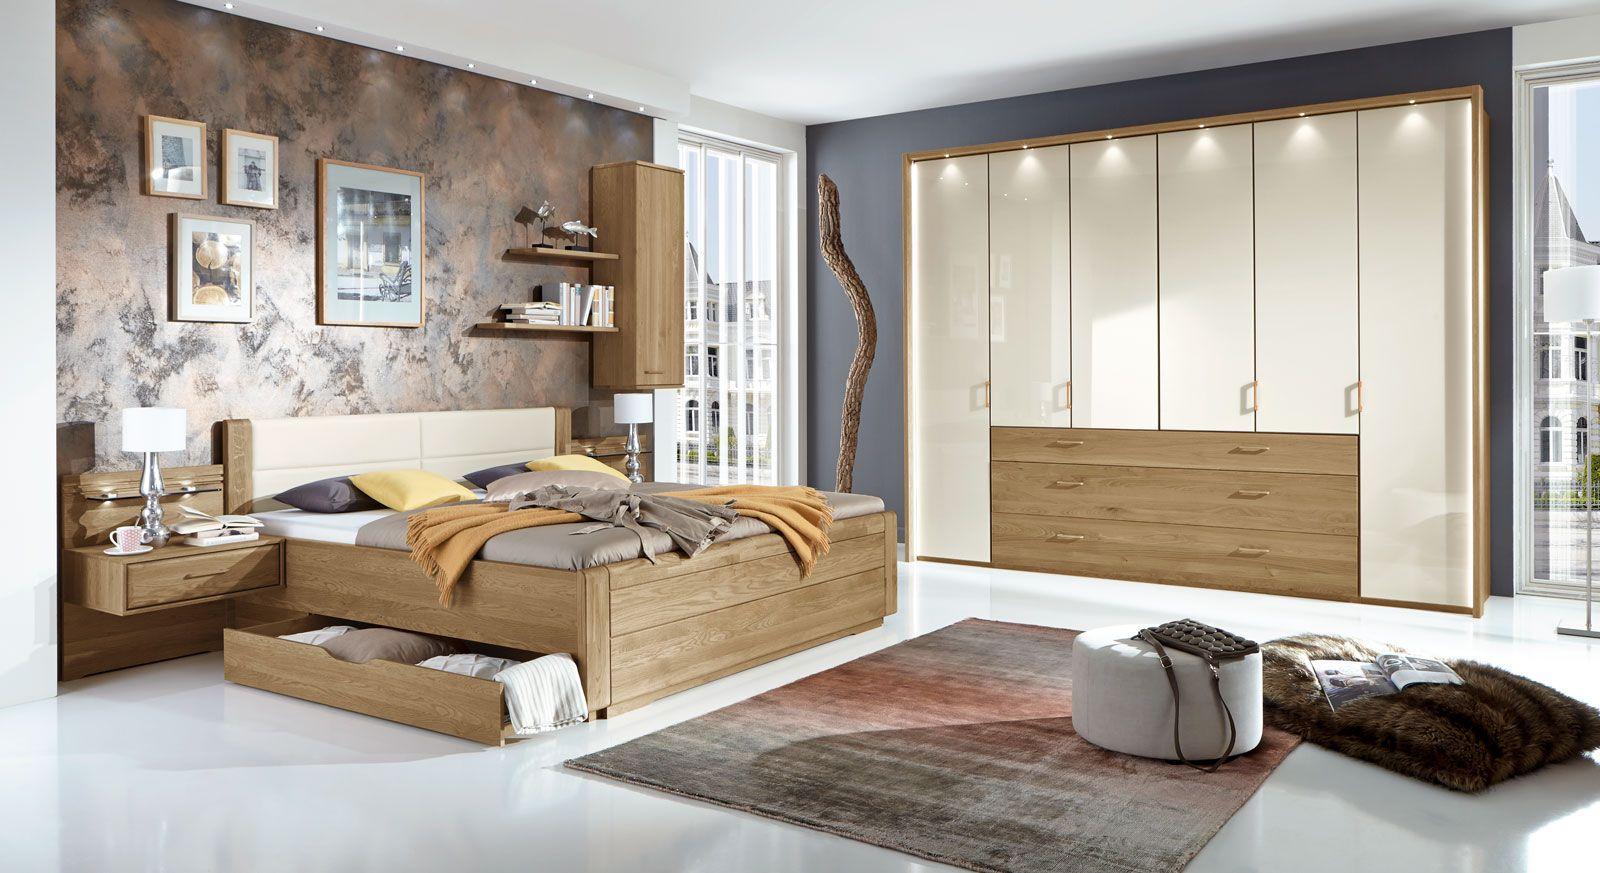 schlafzimmer gestalten günstig | ideen für jugendzimmer mit ...